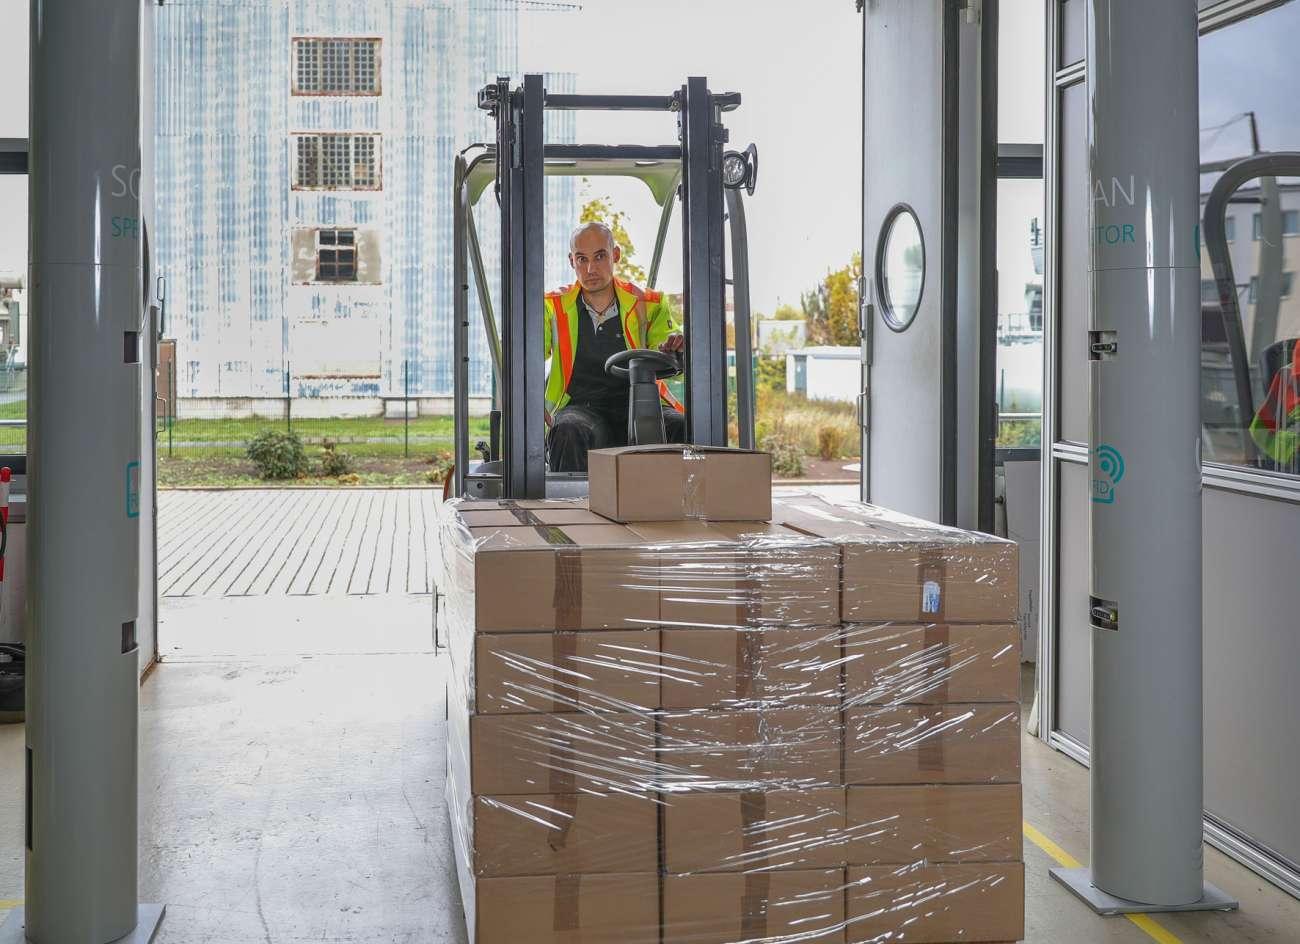 Stückgut: Automatisierter Frachtscanner statt manueller Erfassung - Stückgutverkehr | News - Logistik Heute